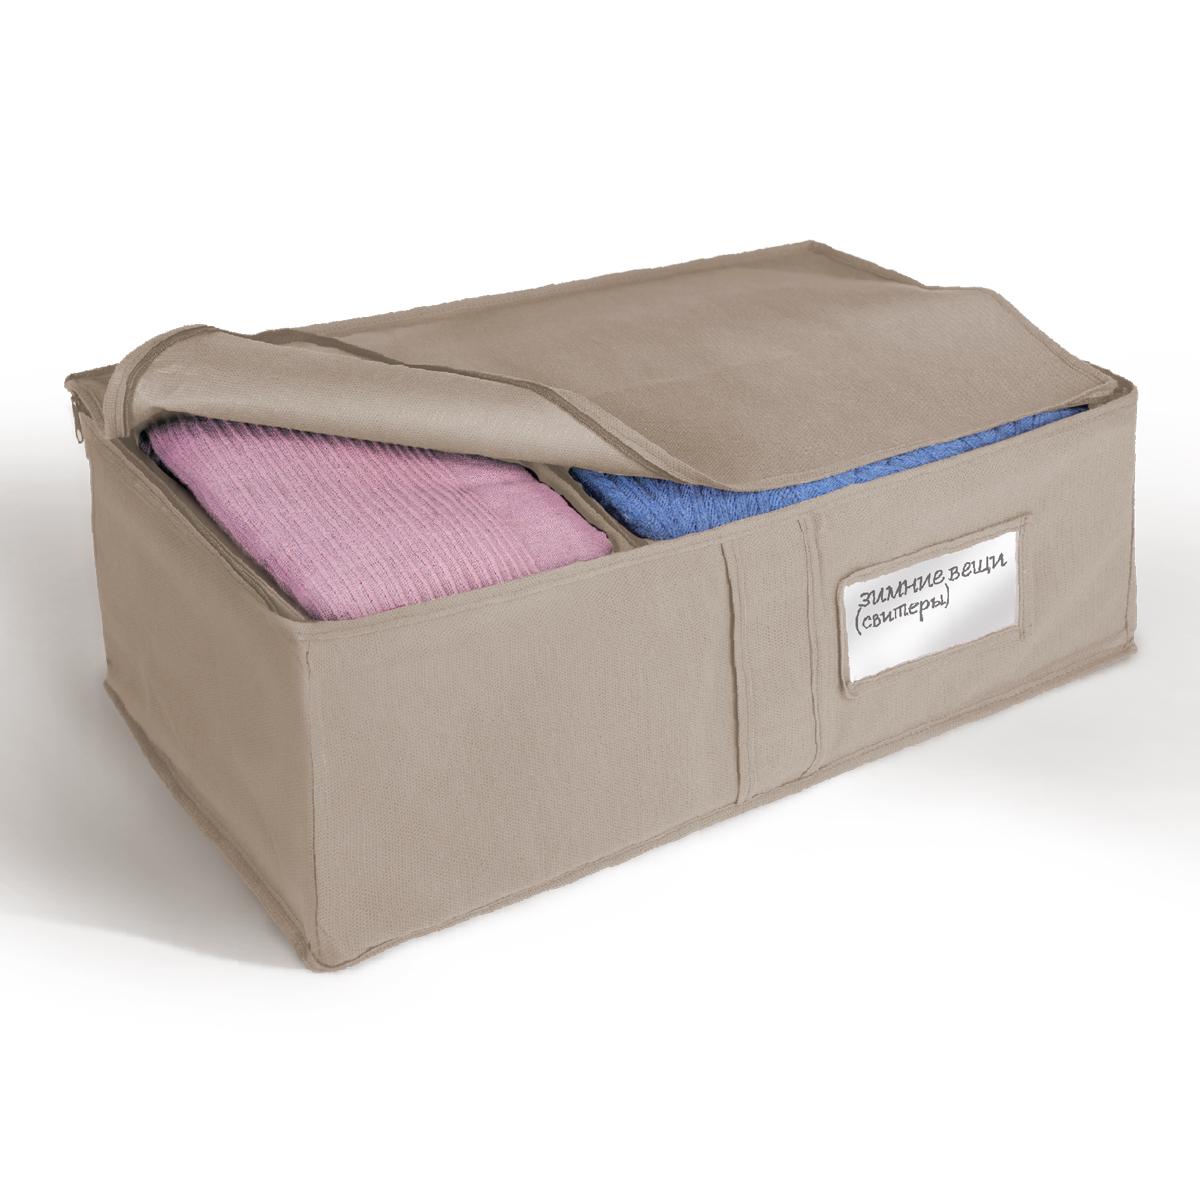 Кофр для хранения Miolla, складной, цвет: бежевый, 60 х 30 х 20 смCHL-7-6Компактный складной кофр Miolla изготовлен из высококачественного нетканого материала, который обеспечивает естественную вентиляцию, позволяя воздуху проникать внутрь, но не пропускает пыль. Изделие закрывается на молнию.